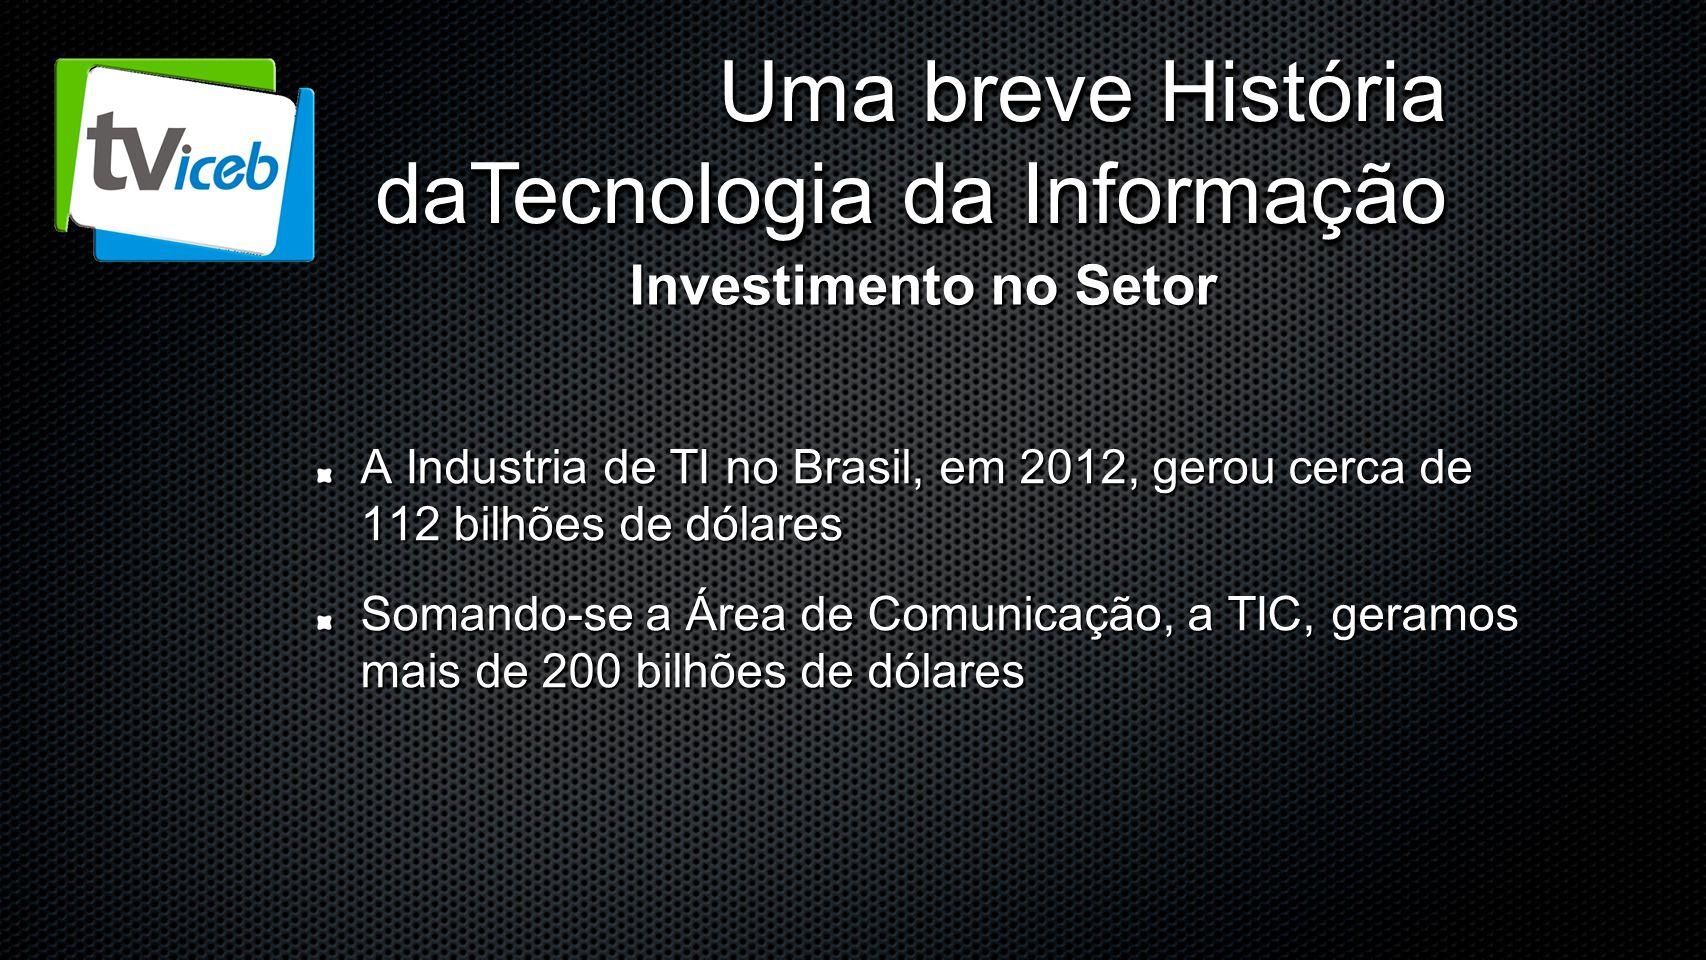 Uma breve História daTecnologia da Informação A Industria de TI no Brasil, em 2012, gerou cerca de 112 bilhões de dólares Somando-se a Área de Comunic